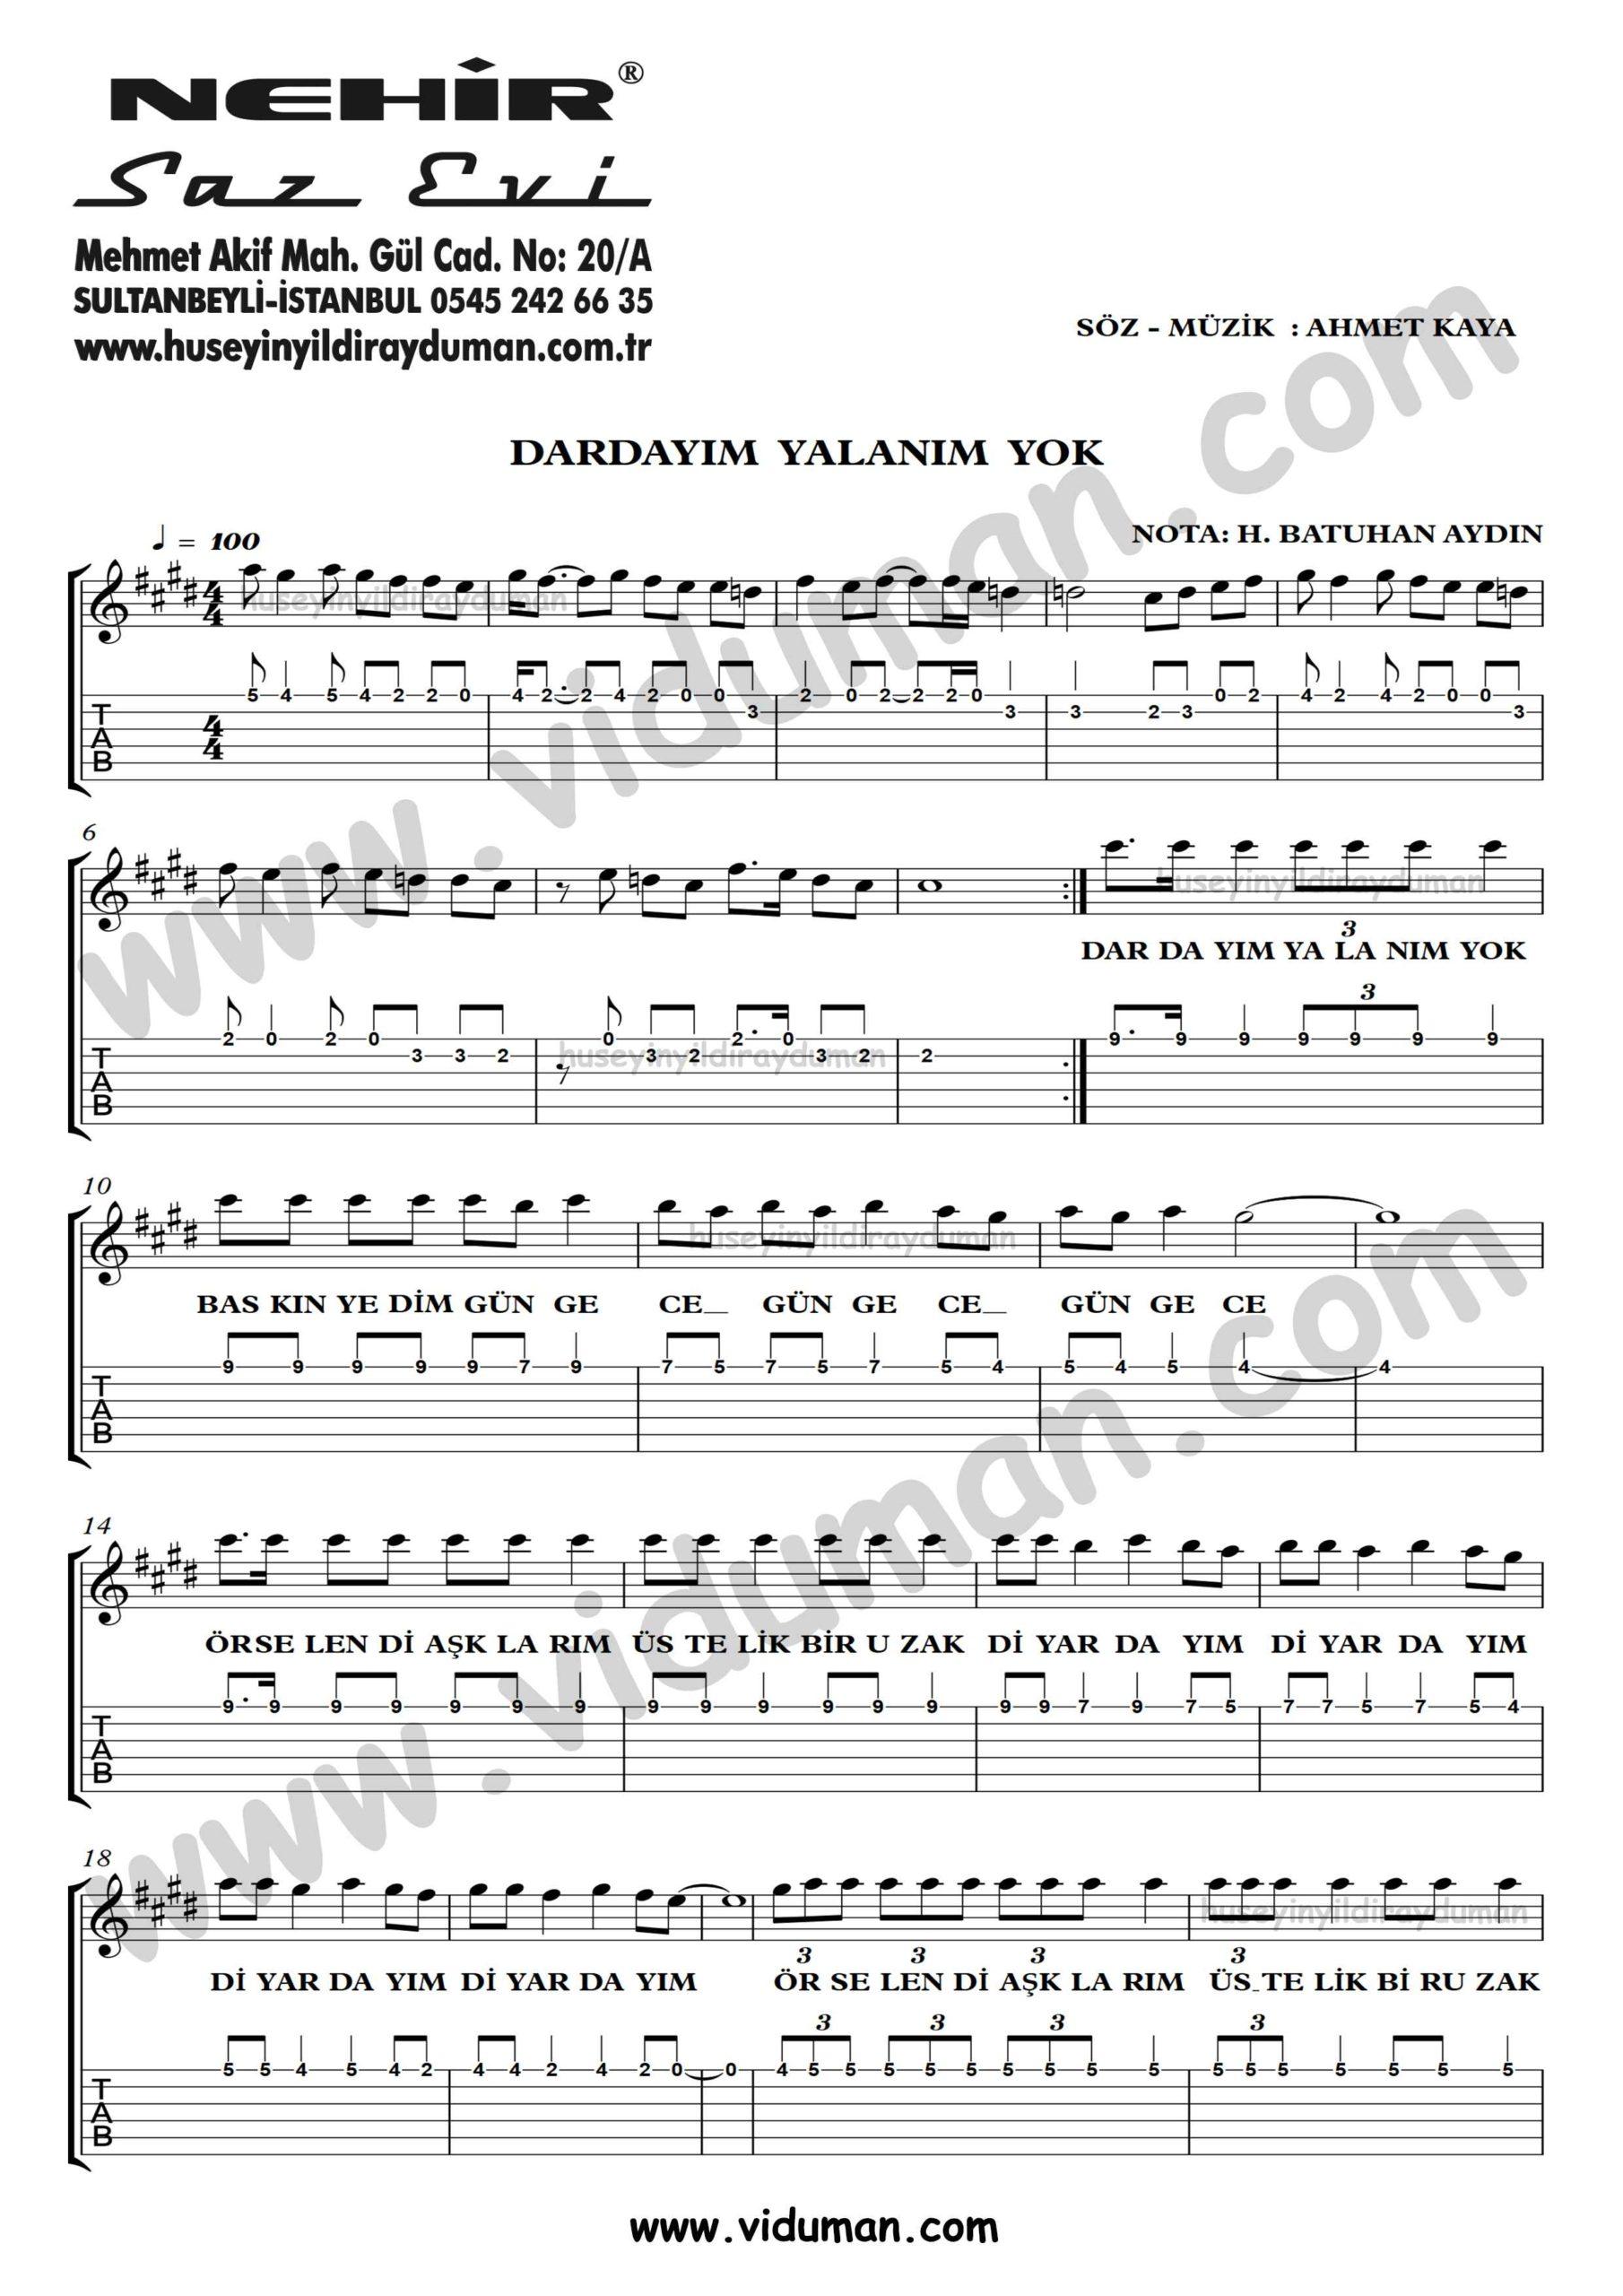 Dardayim Yalanim Yok_1-Ahmet Kaya-Gitar Tab-Solo Notalari